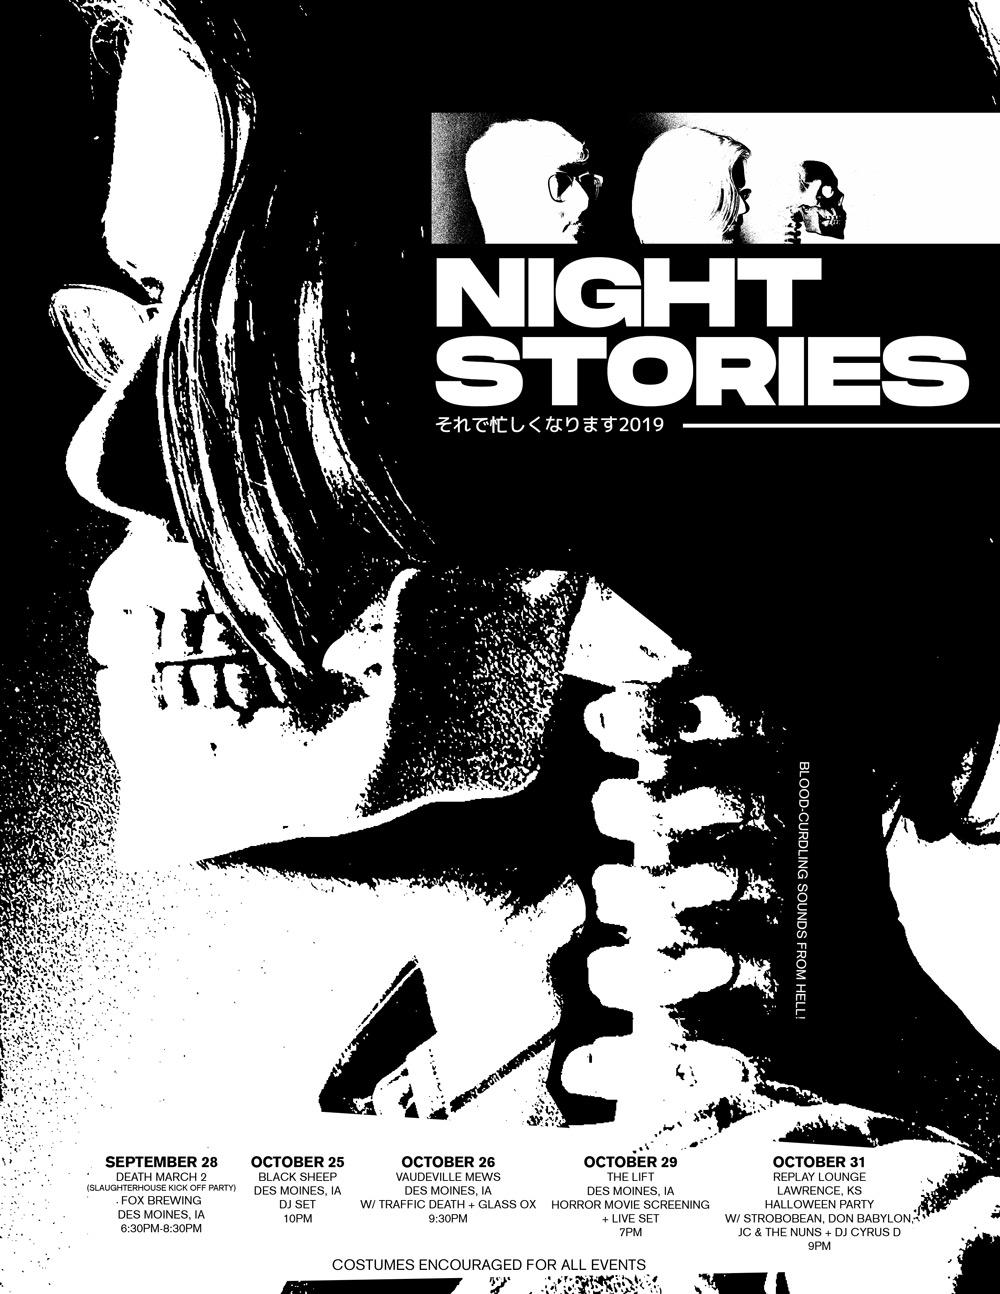 NightStories2019_4